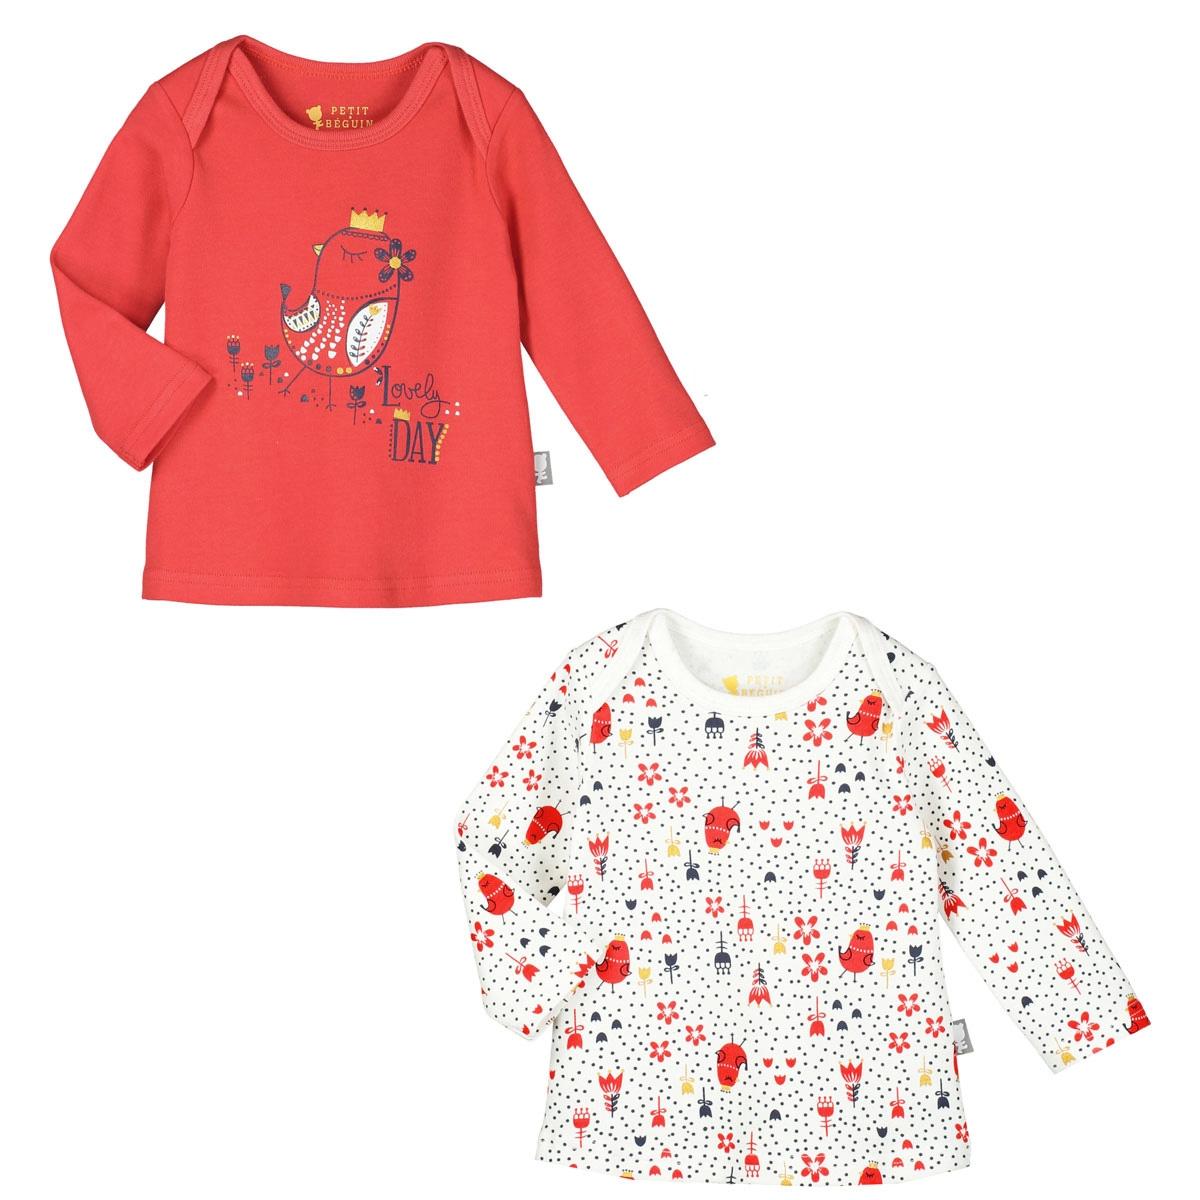 4b247e893a9a1 Lot de 2 t-shirts manches longues bébé fille Lovely Day - PETIT BEGUIN